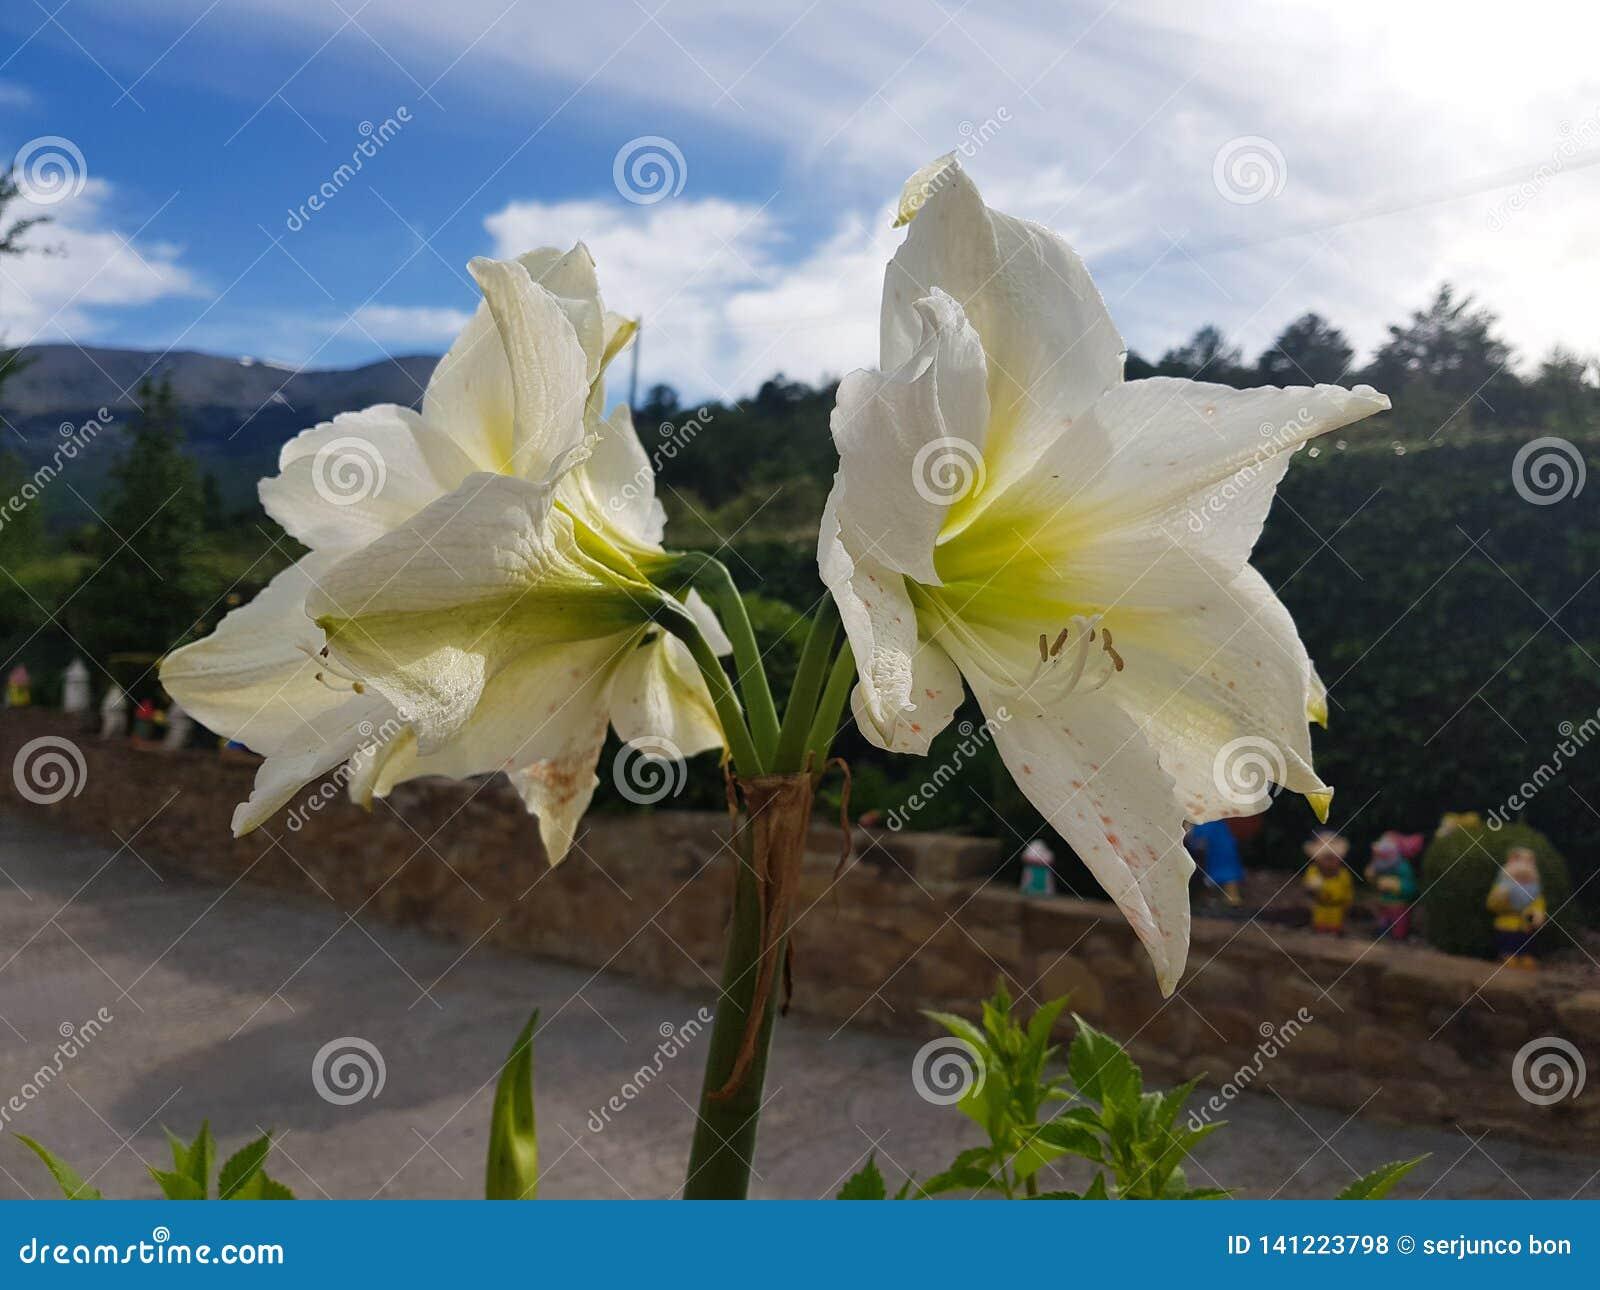 Vittatum de Hippeastrum, flor de la amarilis en todo su esplendor con el fondo azul en el jardín